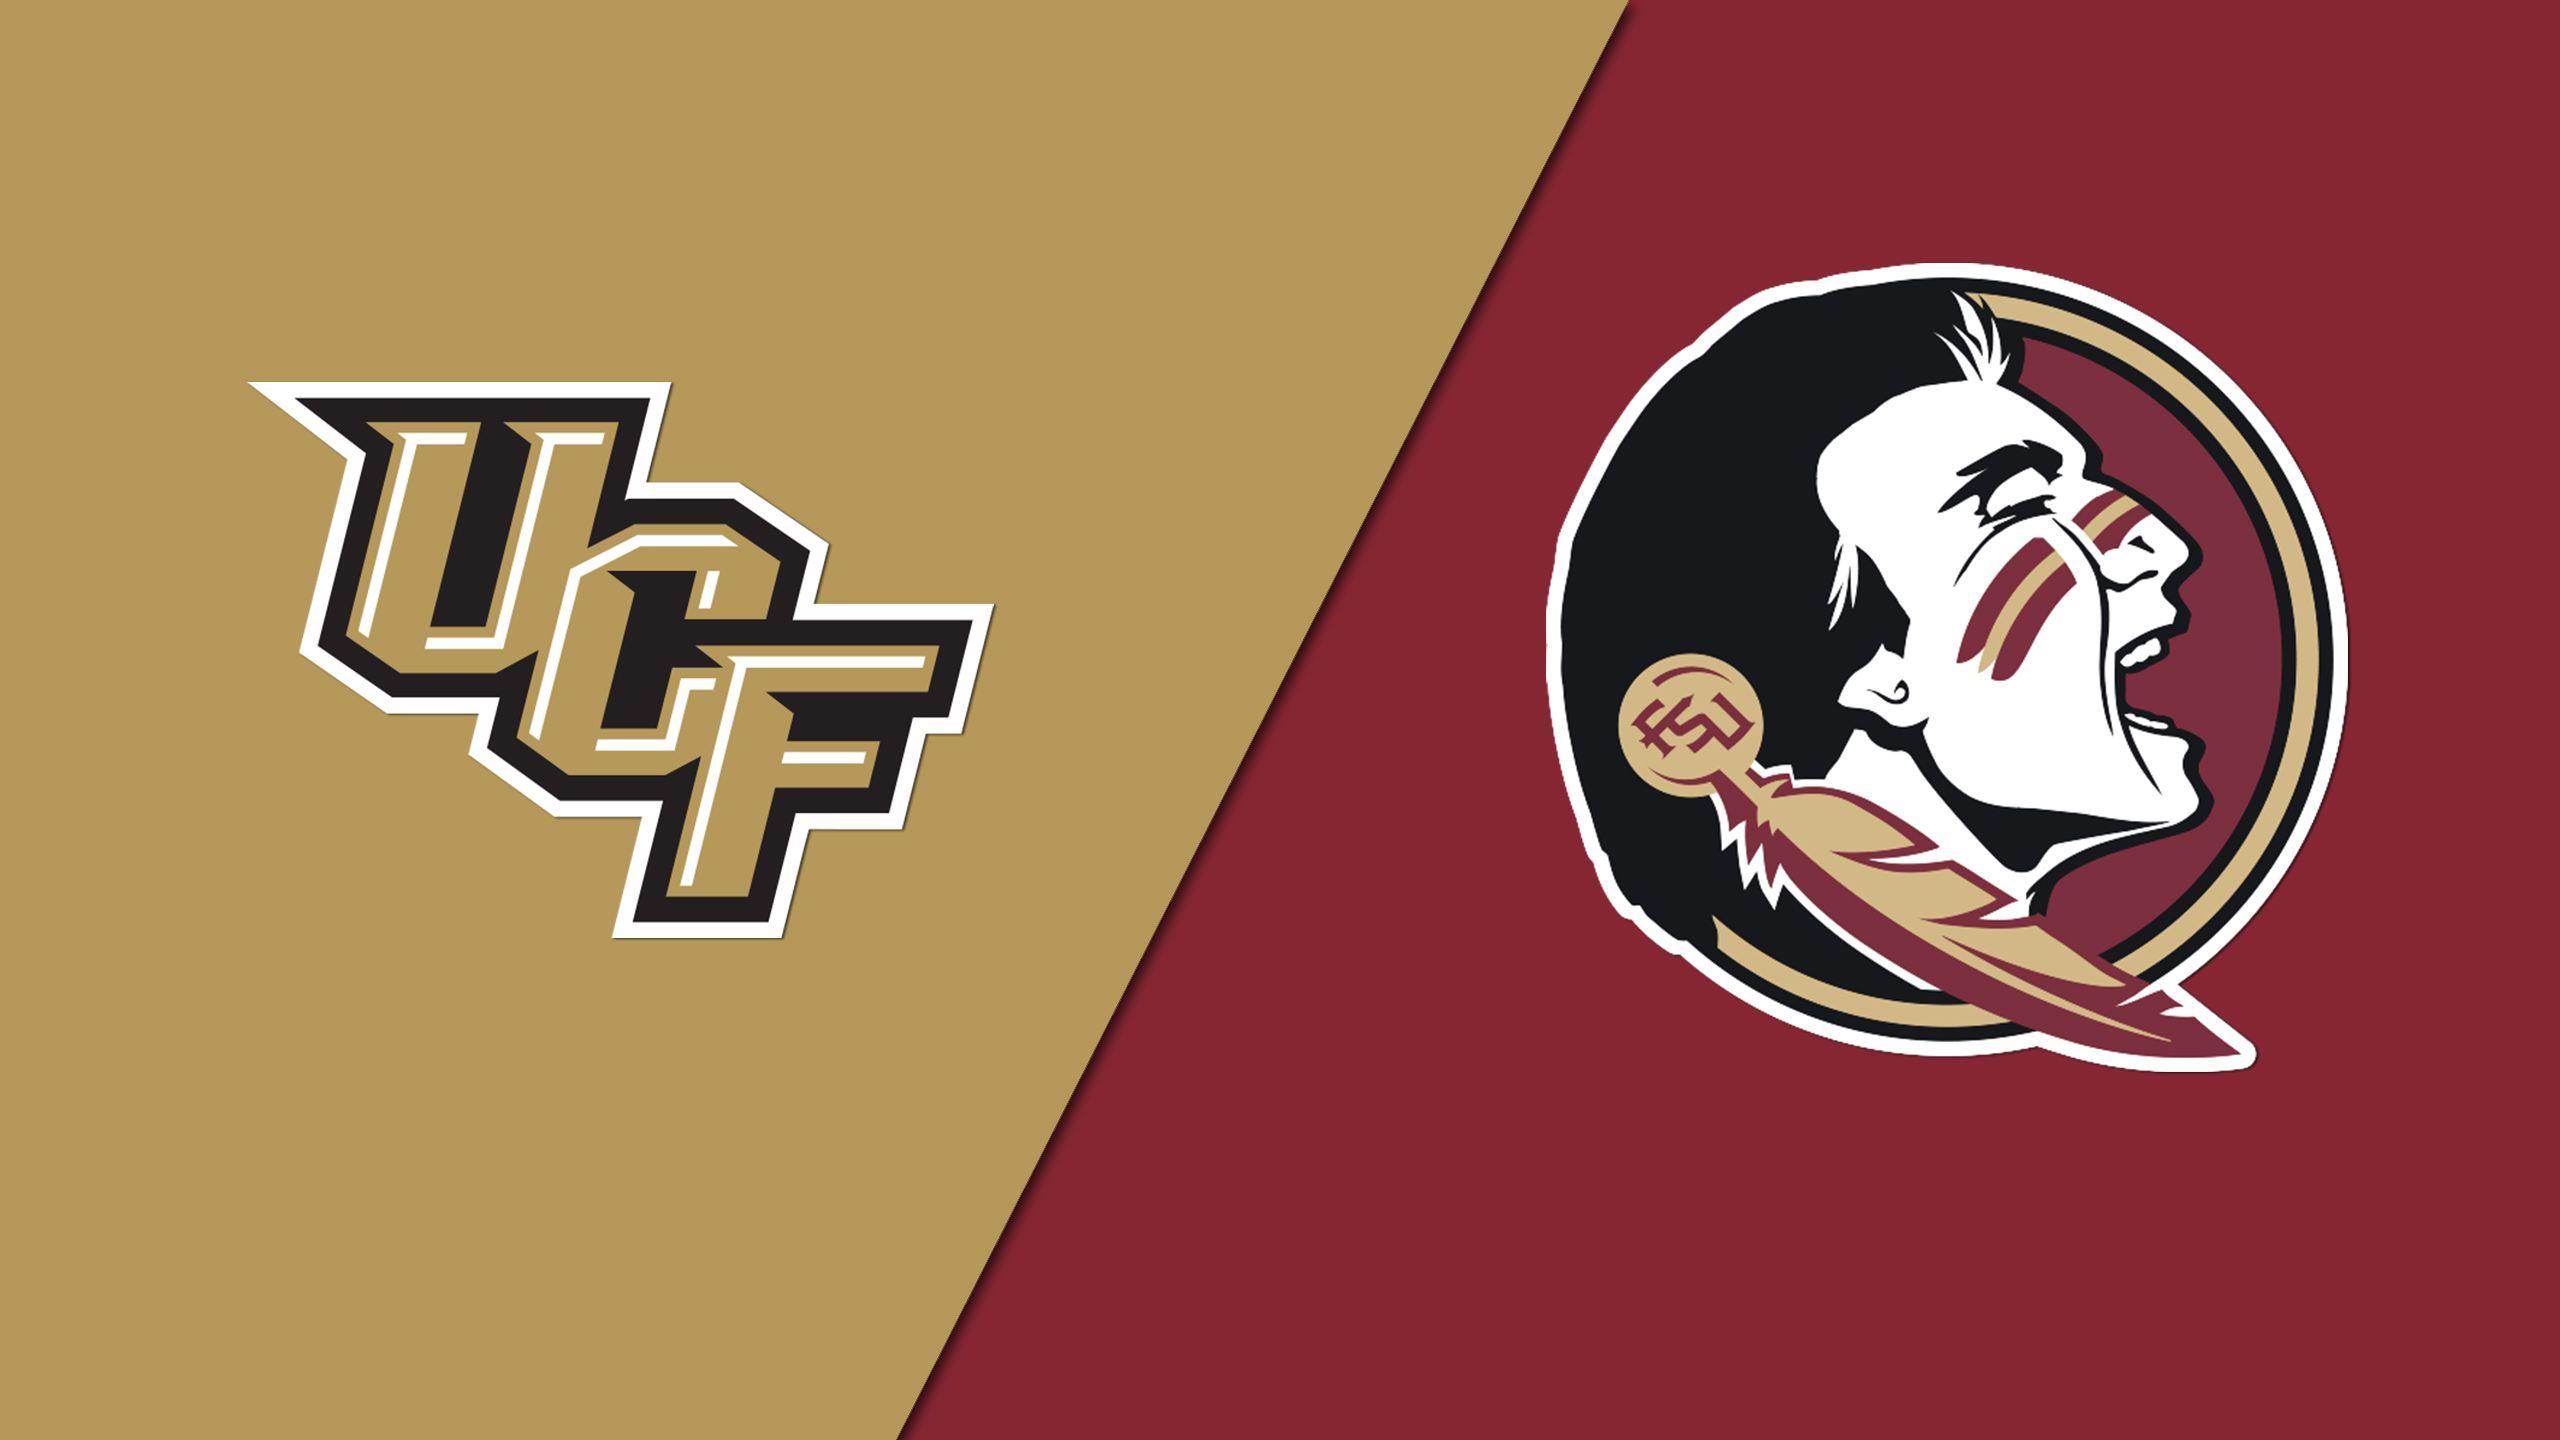 #21 UCF vs. #8 Florida State (Baseball)